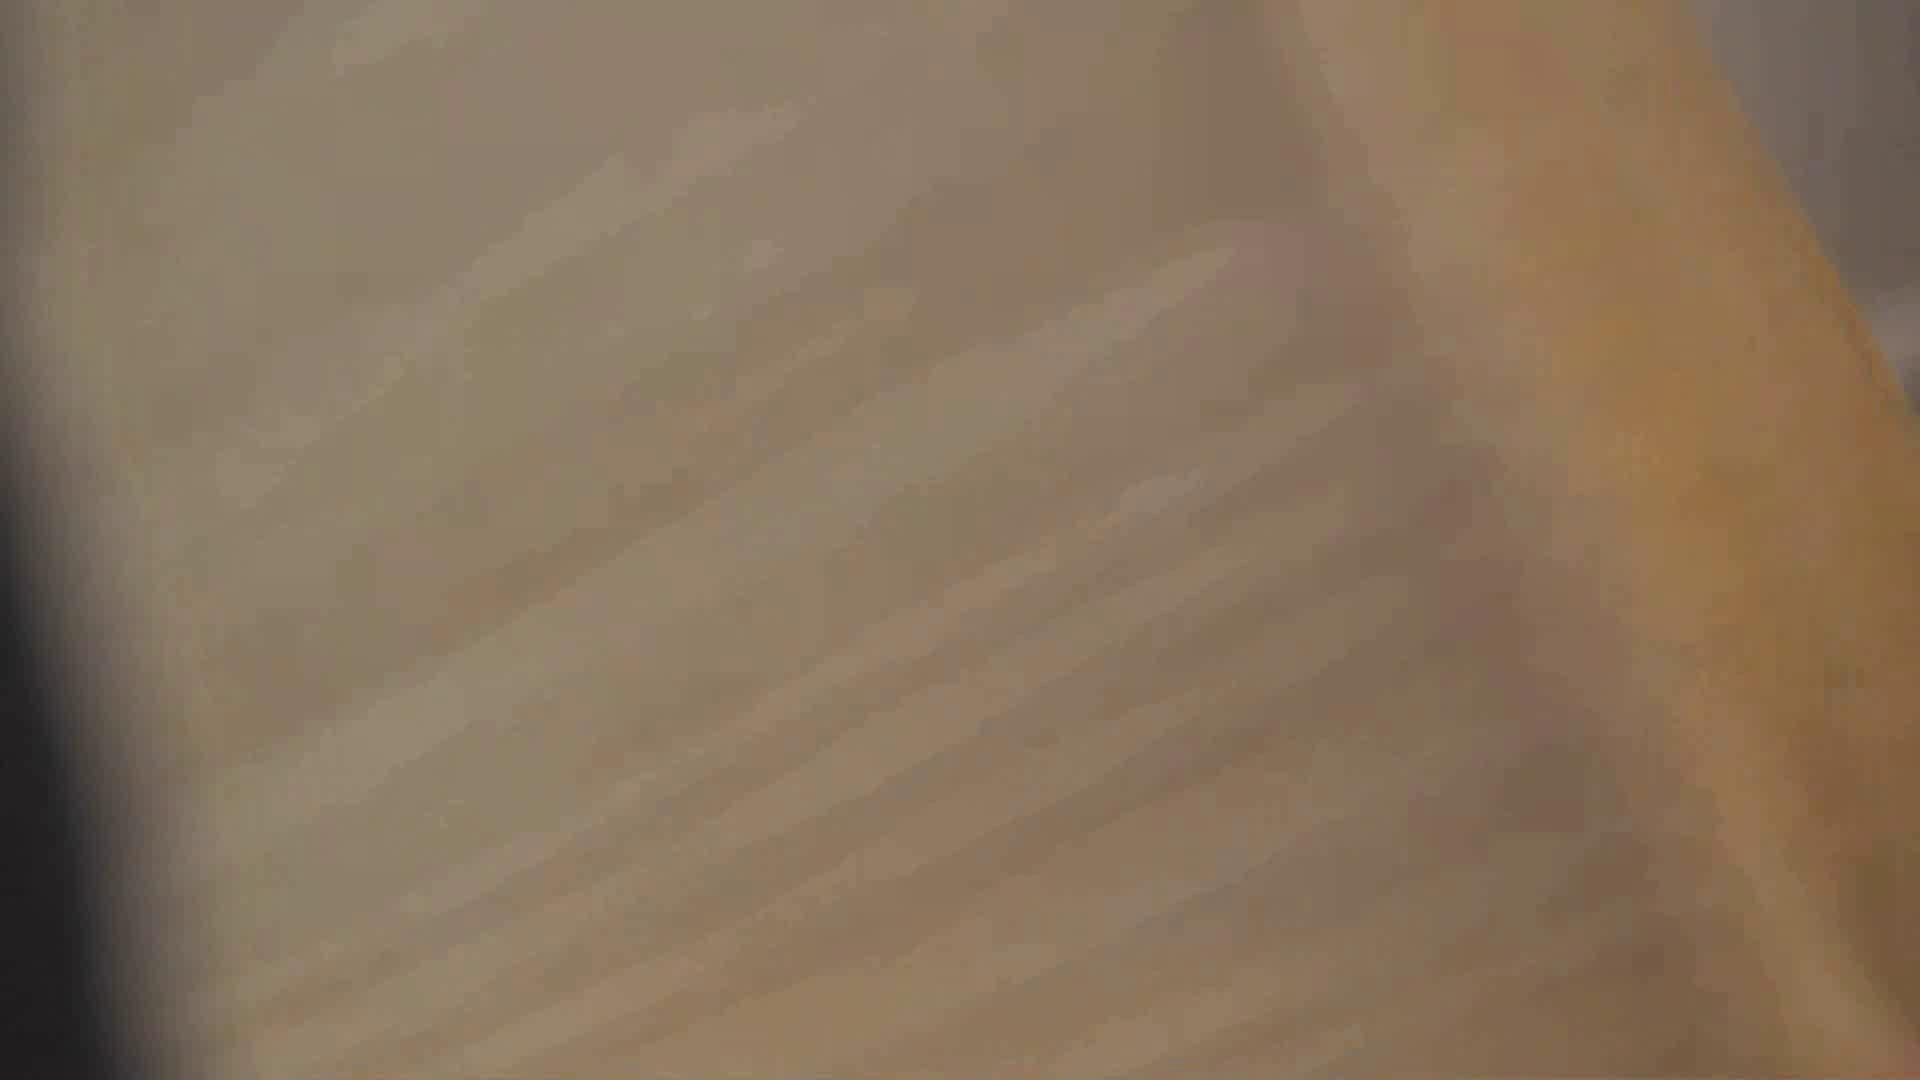 阿国ちゃんの「和式洋式七変化」No.18 iBO(フタコブ) 洗面所 エロ無料画像 96画像 46